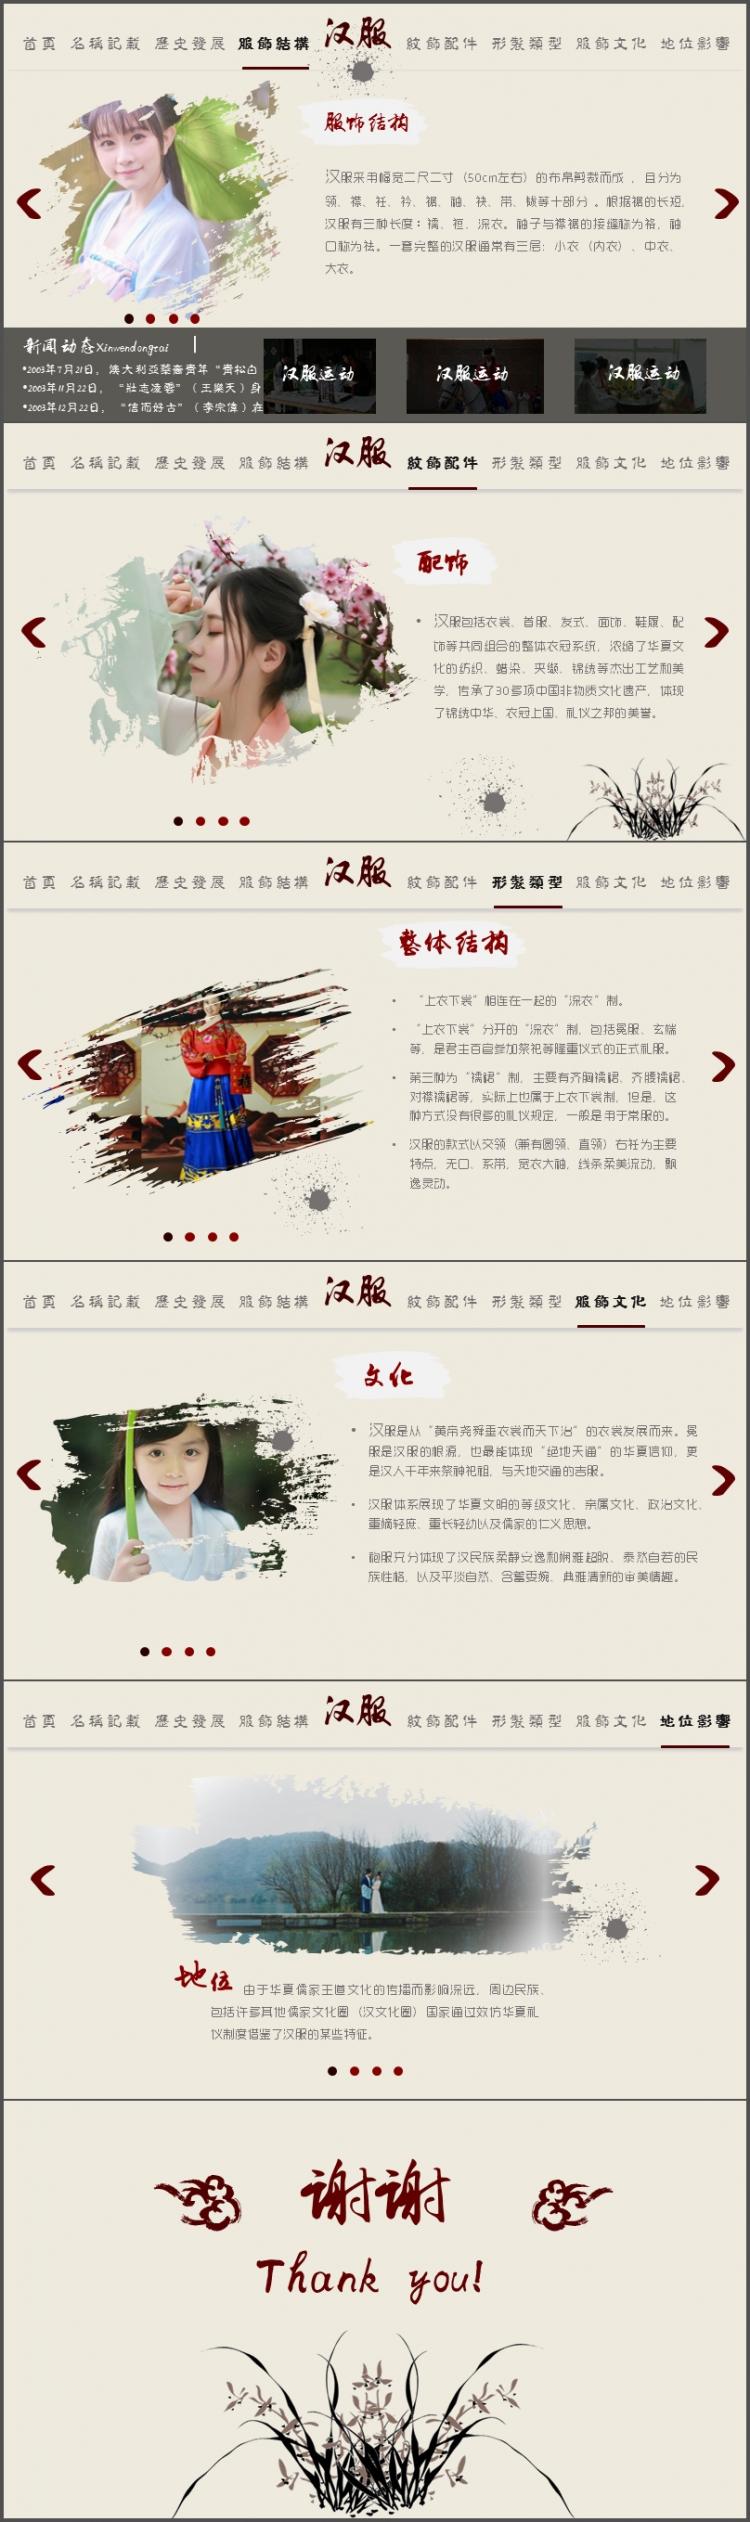 中国风—汉服文化ppt模板 - 演界网,中国首家演示设计